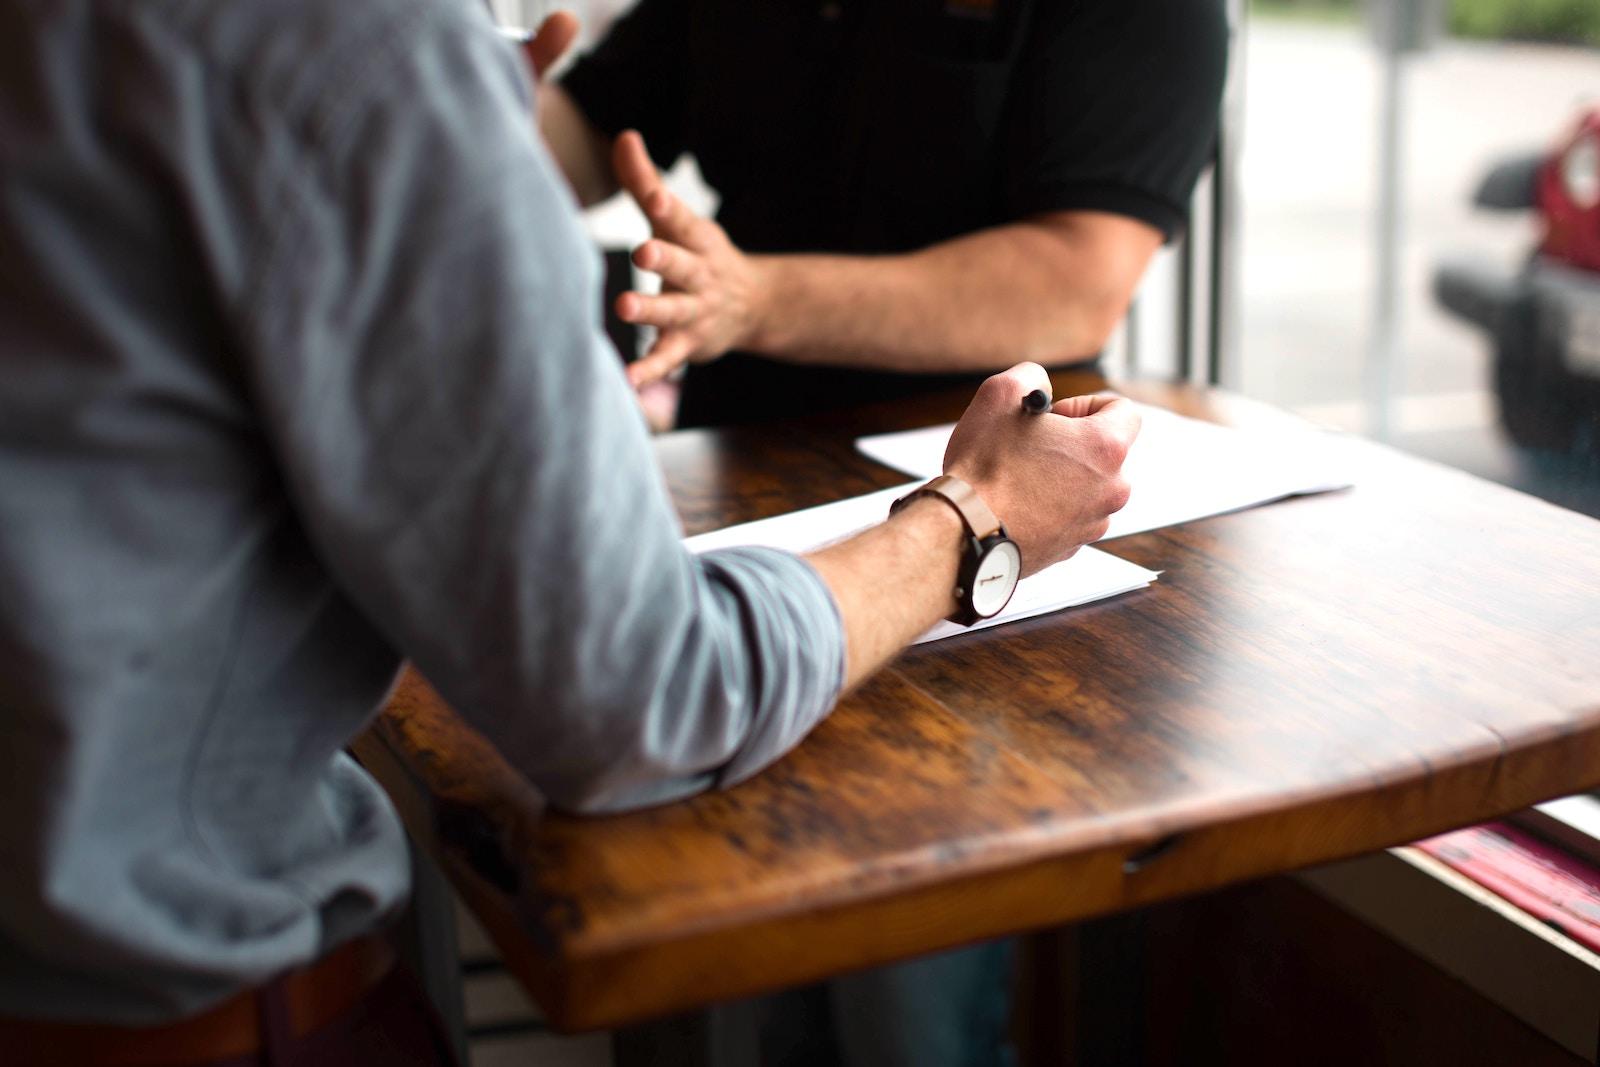 旅館経営・旅館集客の相談が無料 低価格でできる3つのオススメ相談先